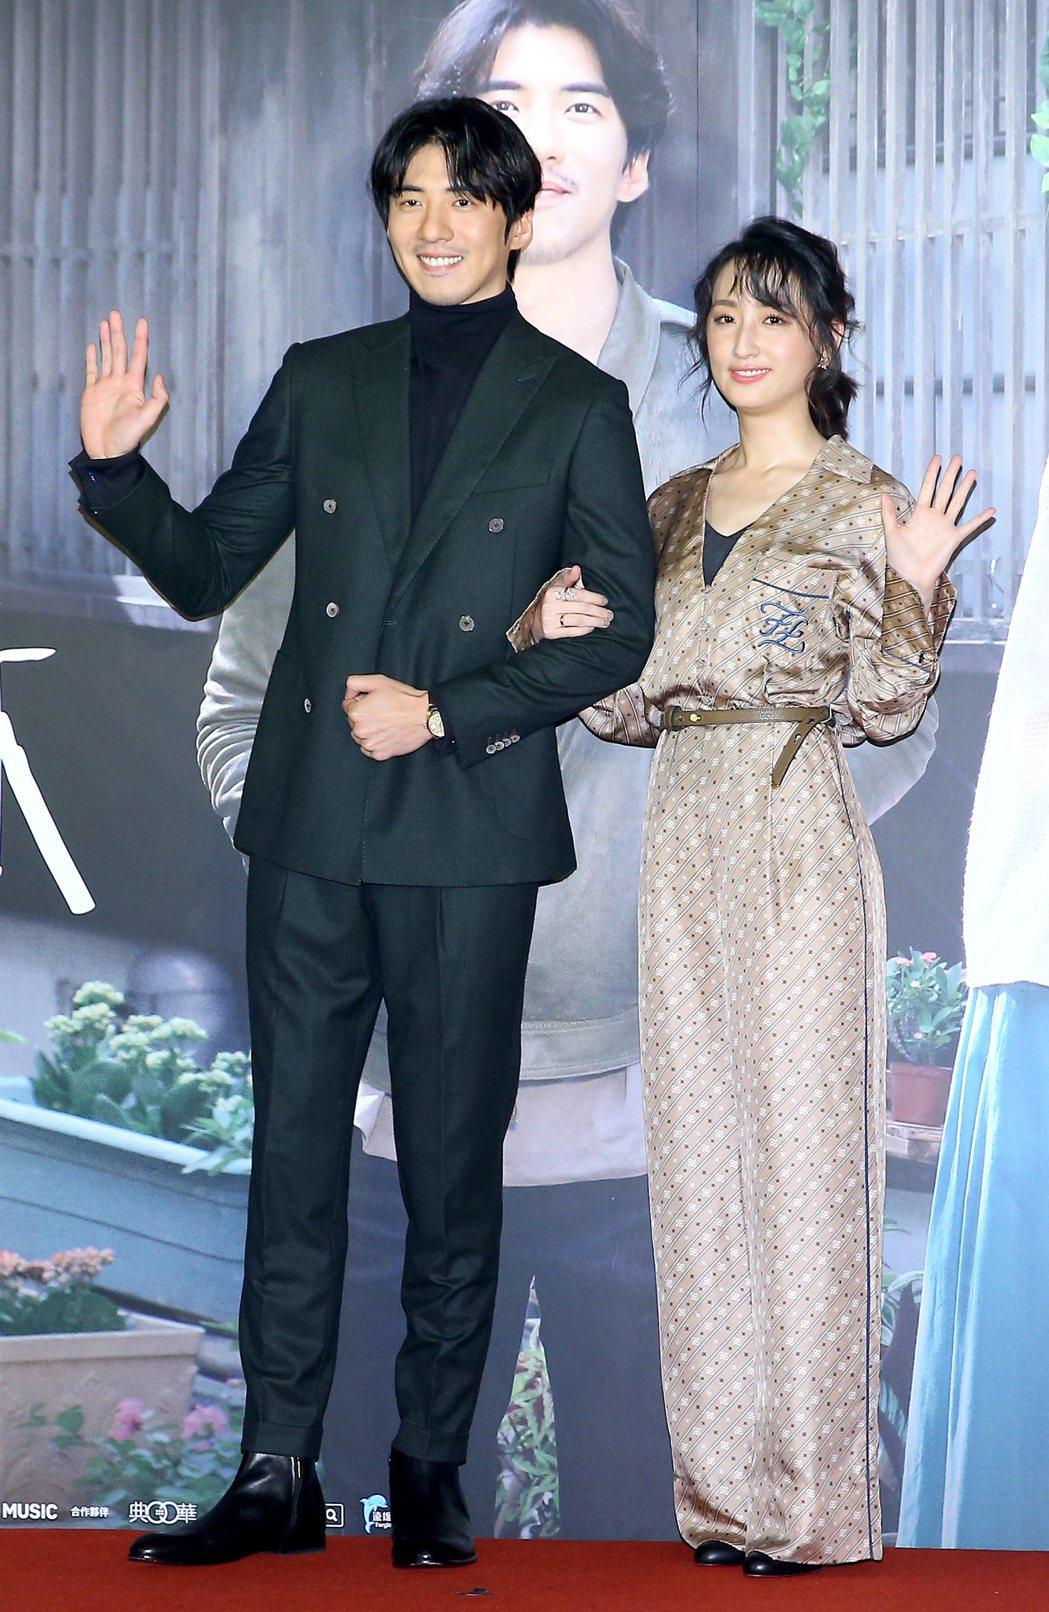 柯佳嬿(右)、傅孟柏(左)出席電影「你的情歌」首映會。記者余承翰/攝影